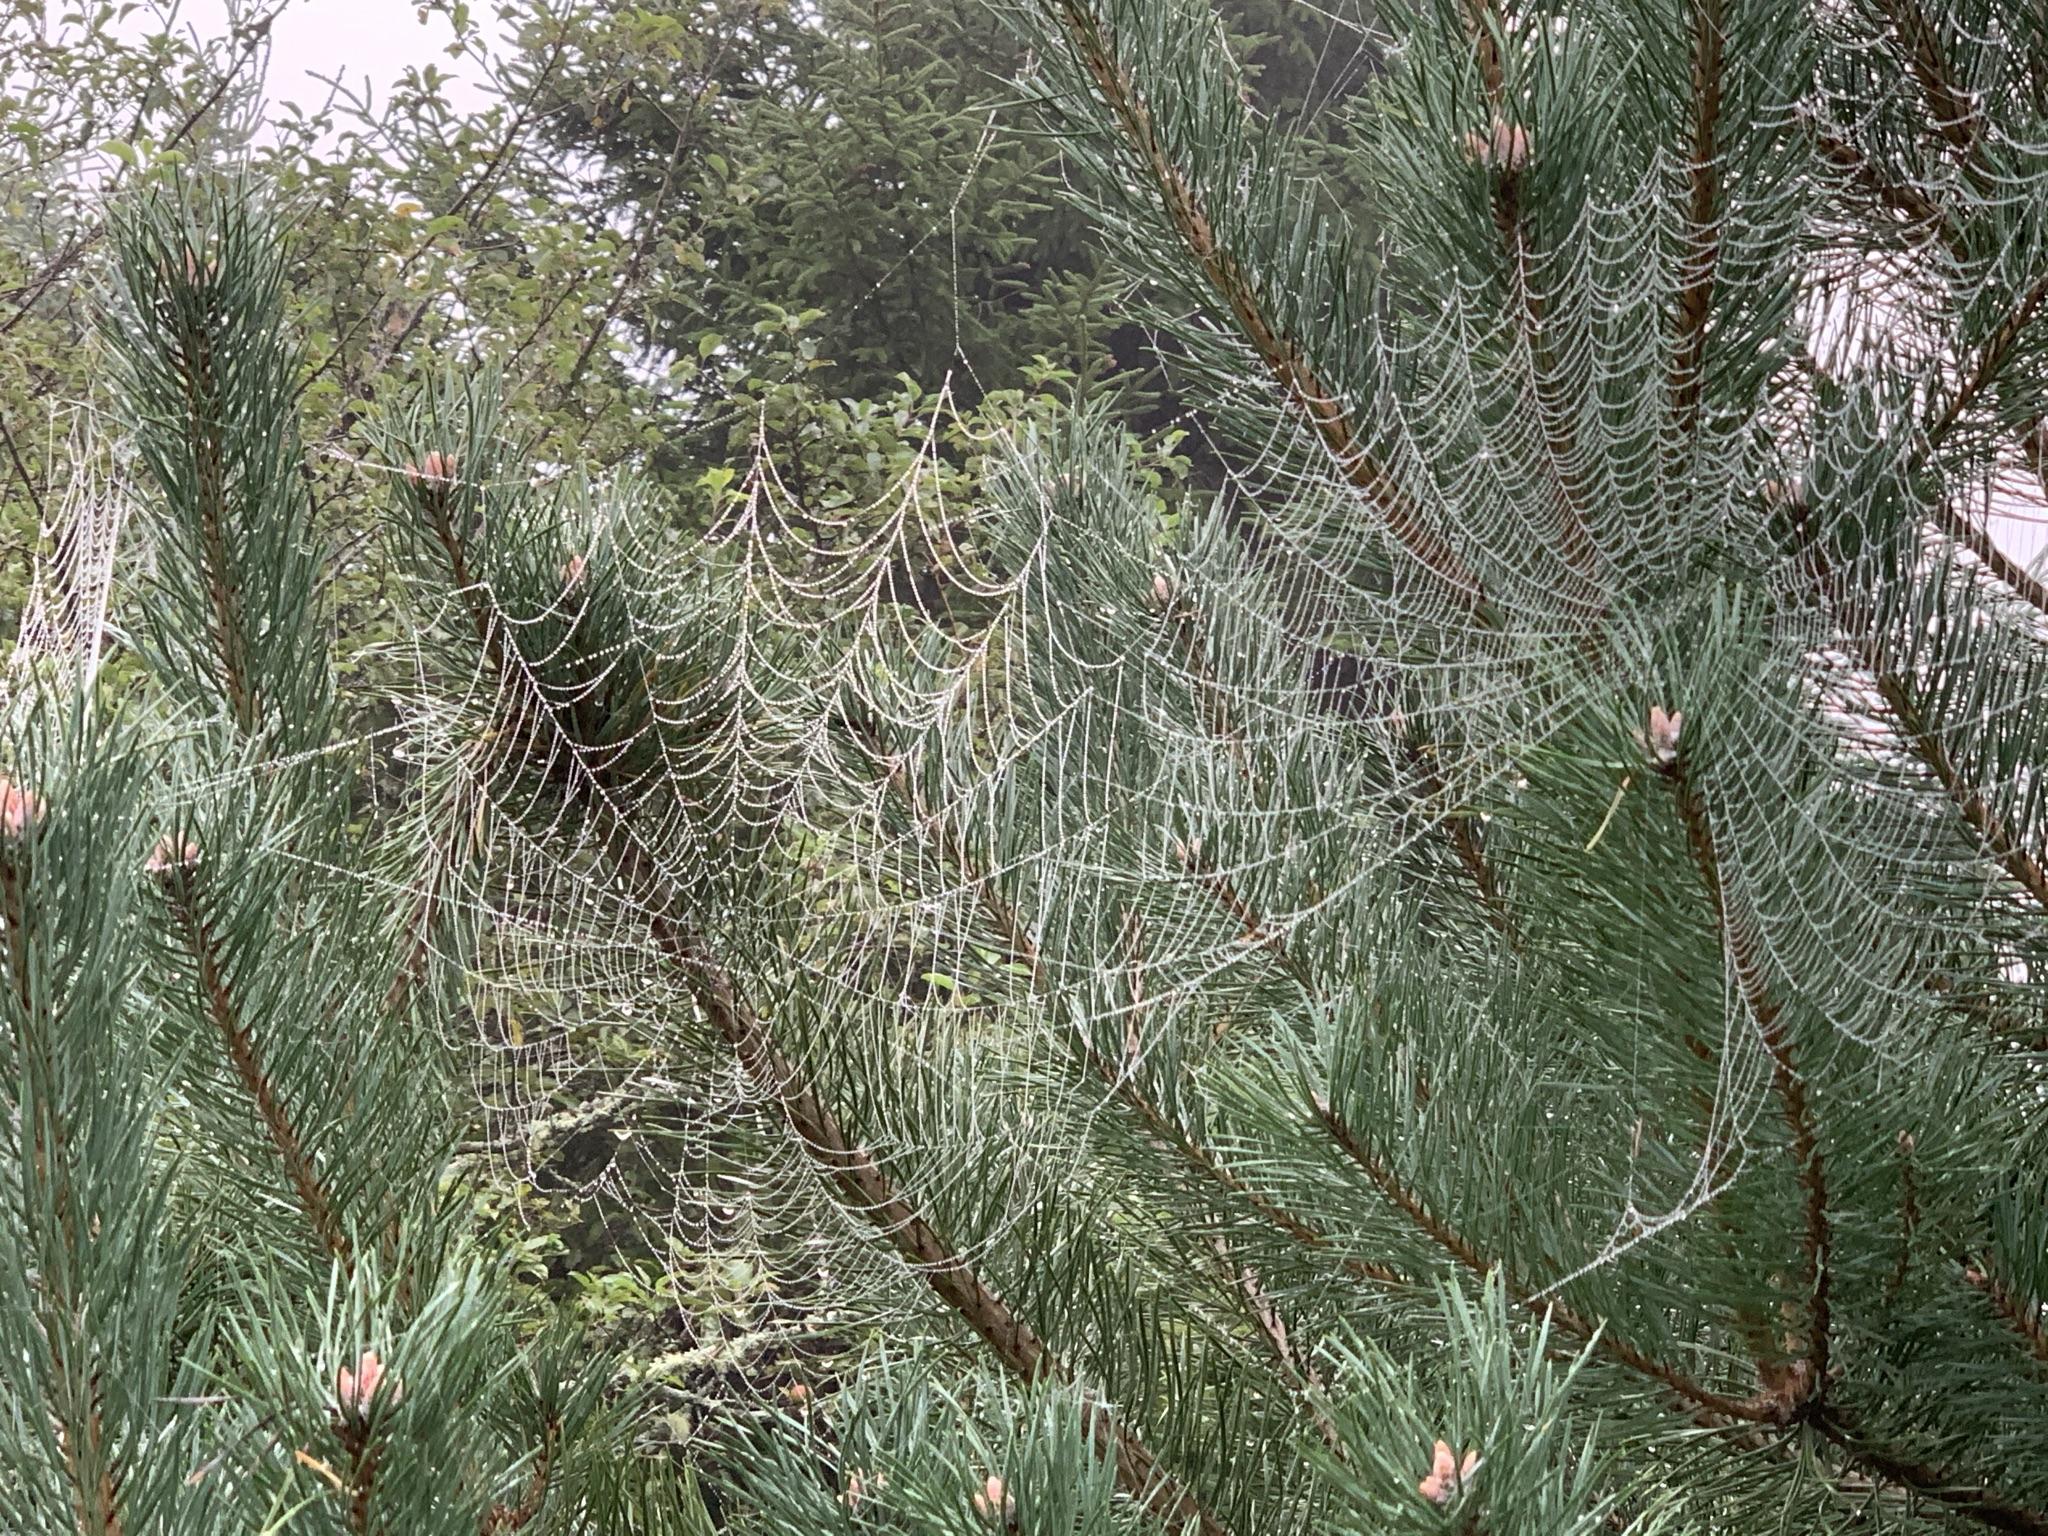 multiple webs in fir